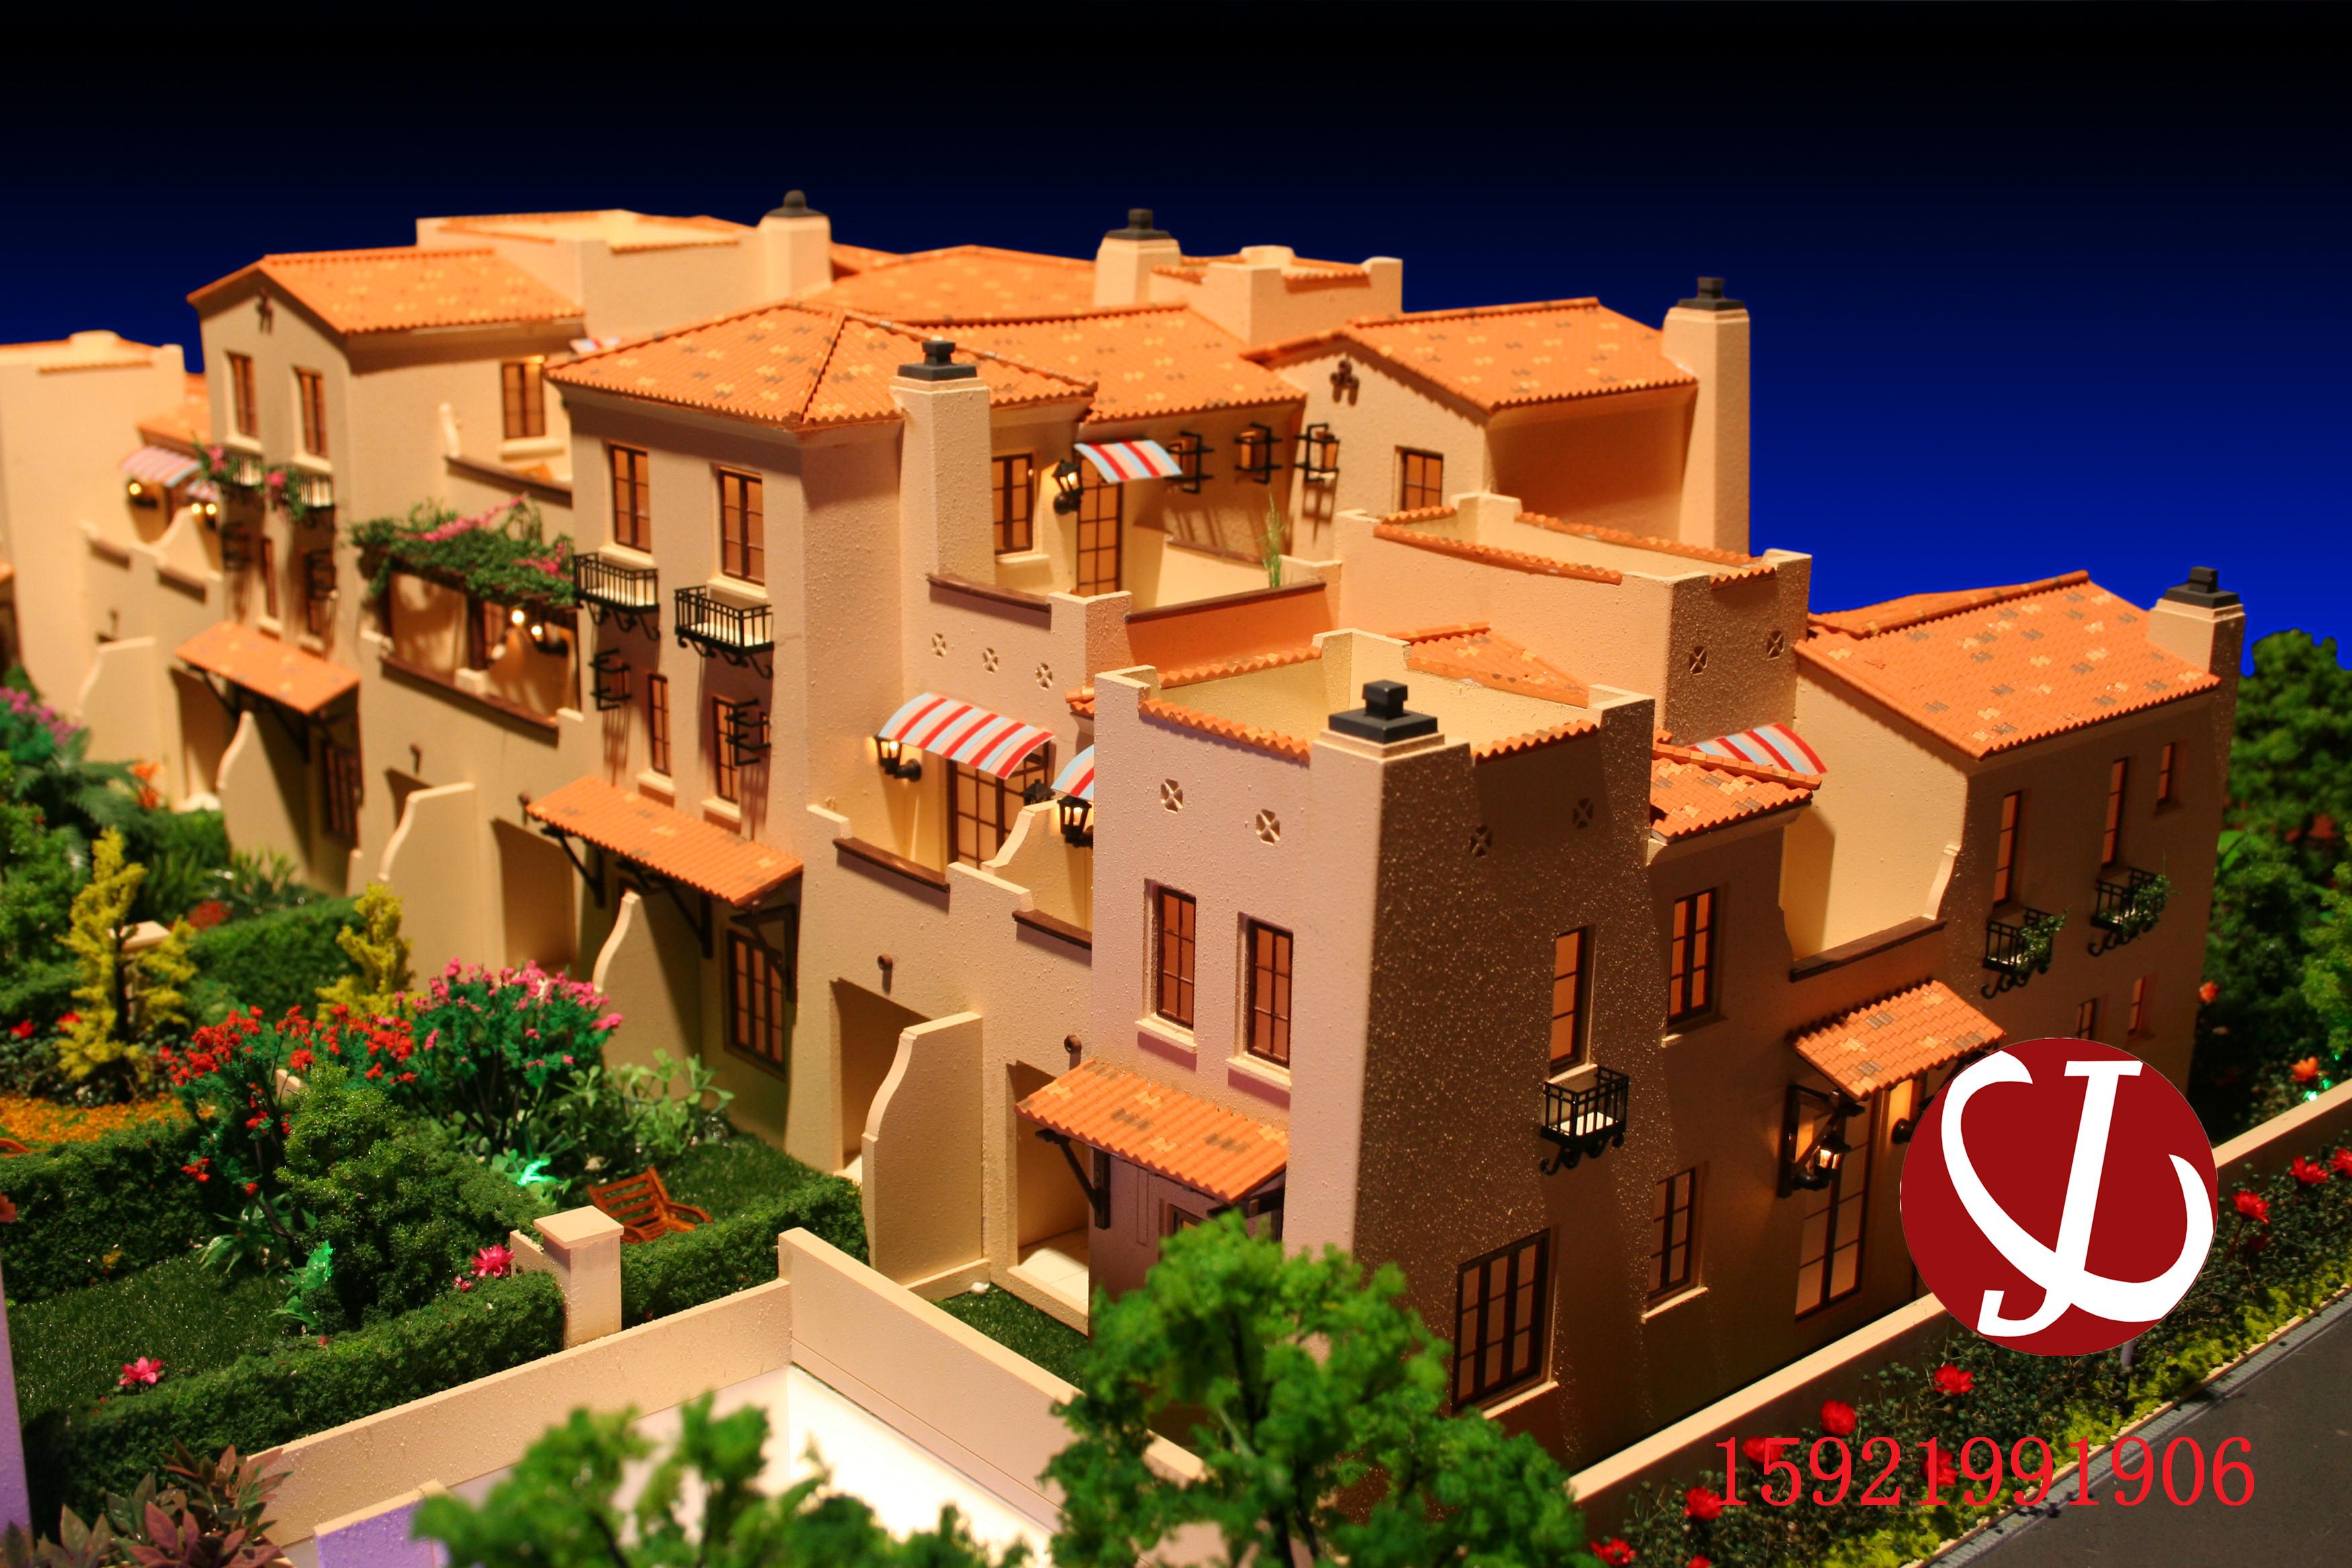 别墅模型制作需要哪些工具和材料